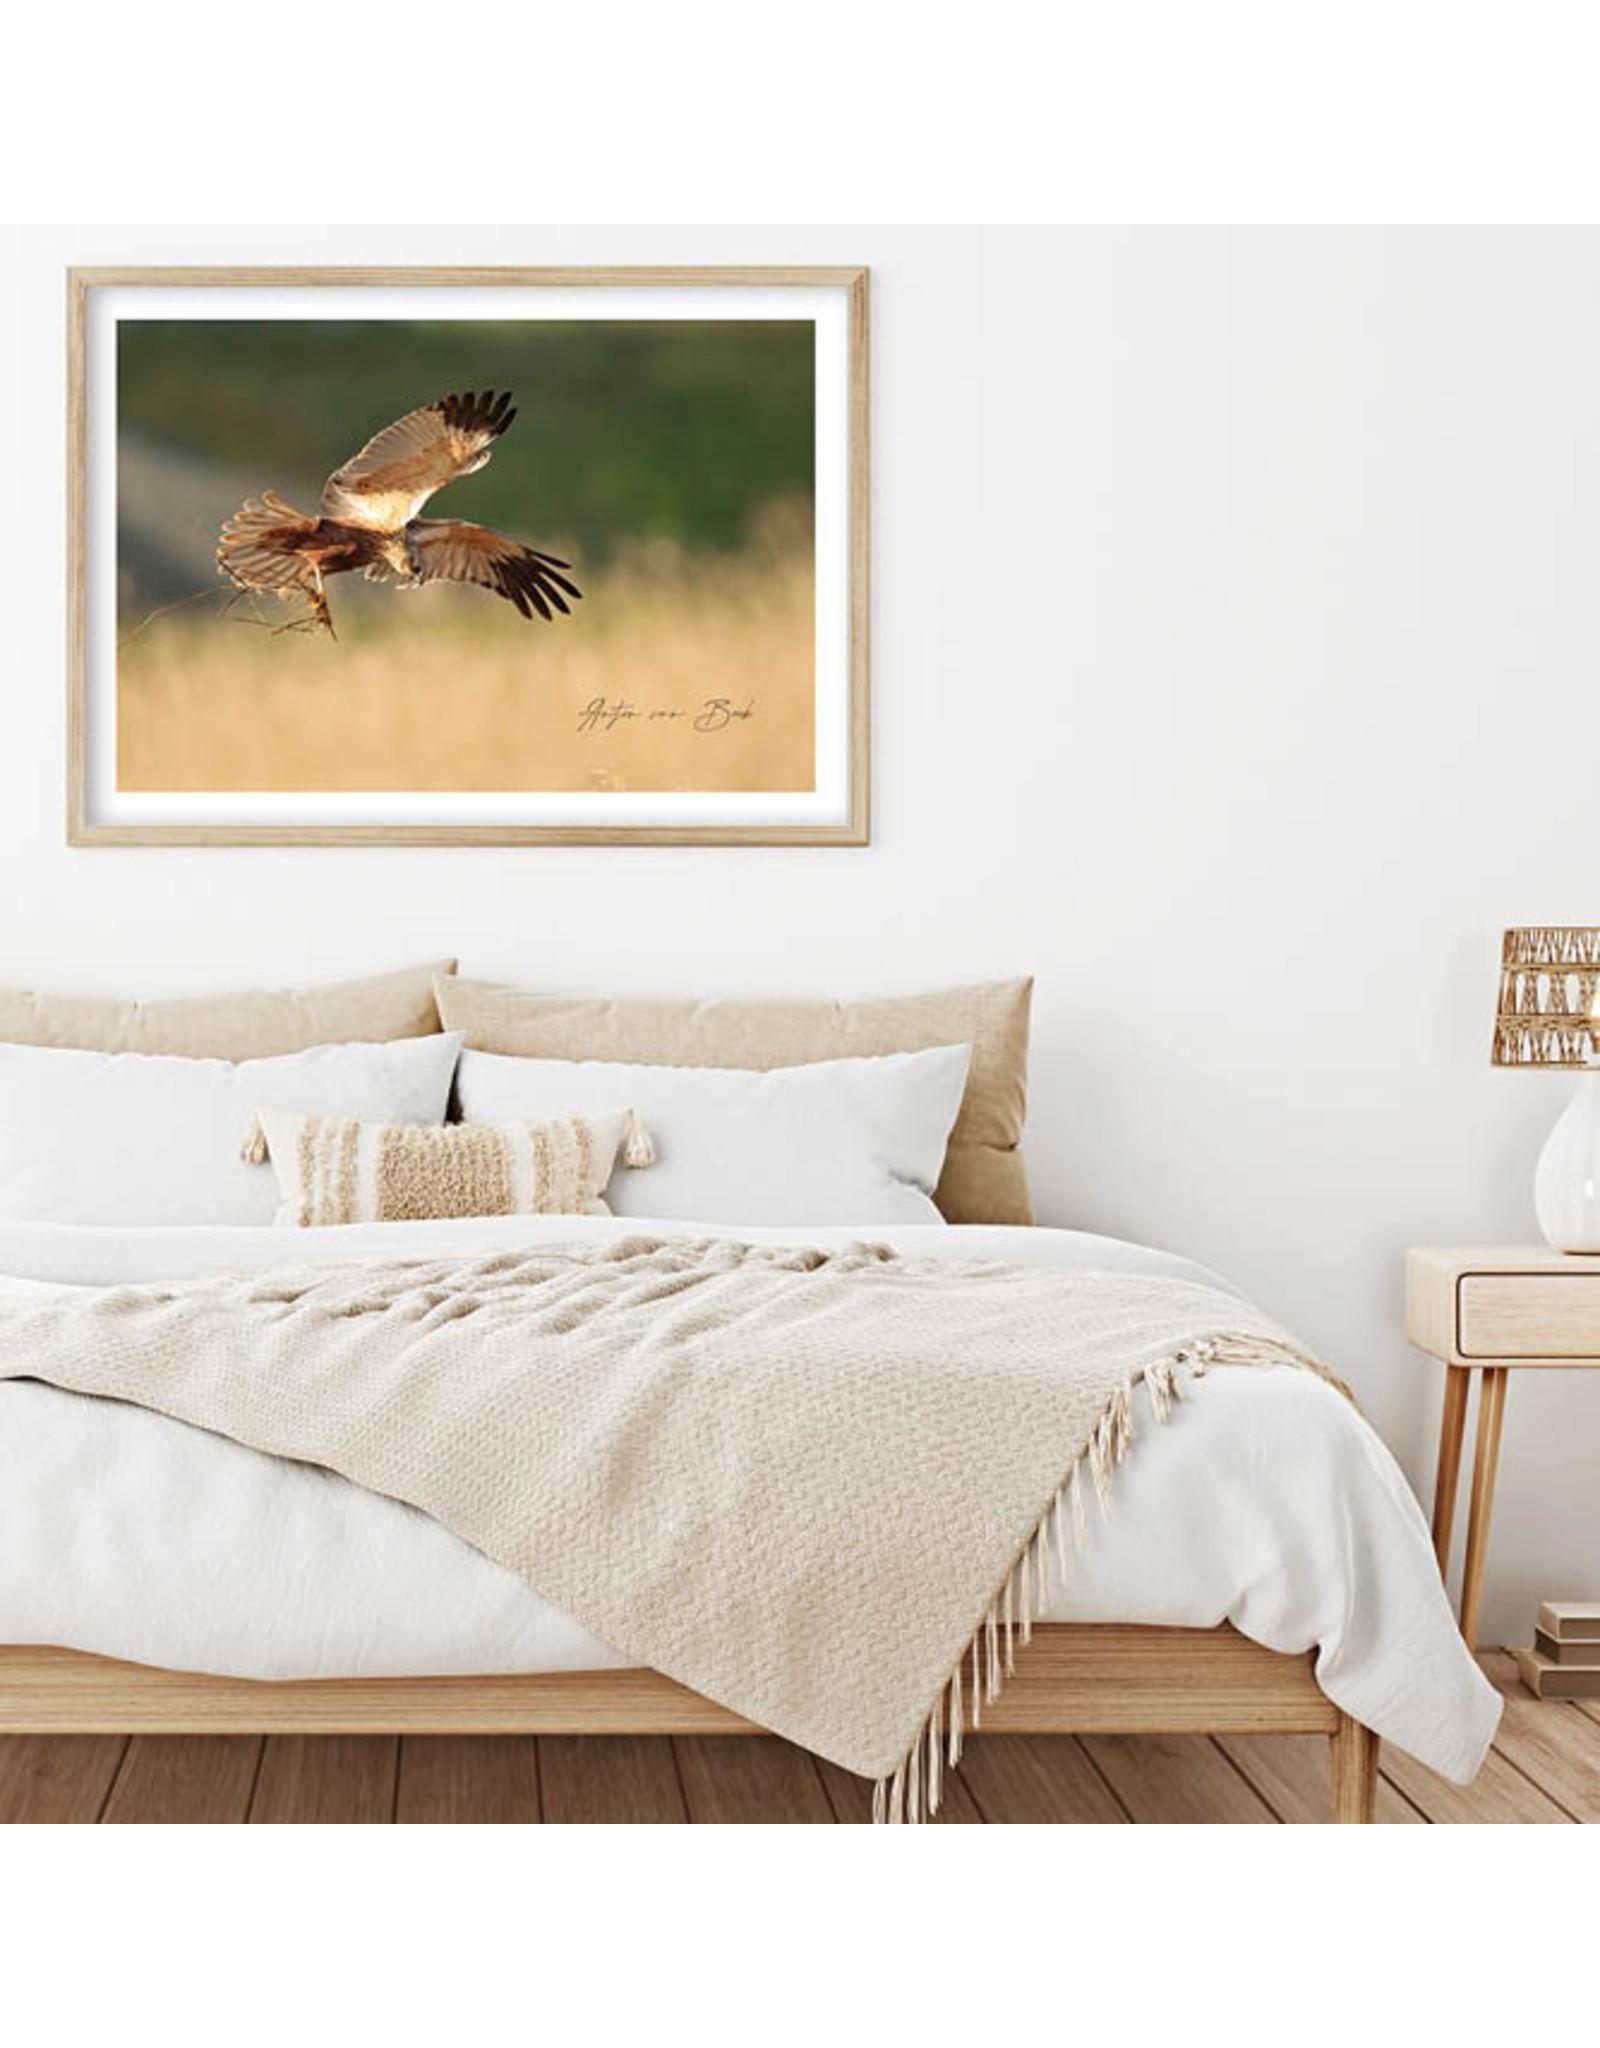 Dunnebier Home Poster Bruine Kiekendief - Anton van Beek Collectie